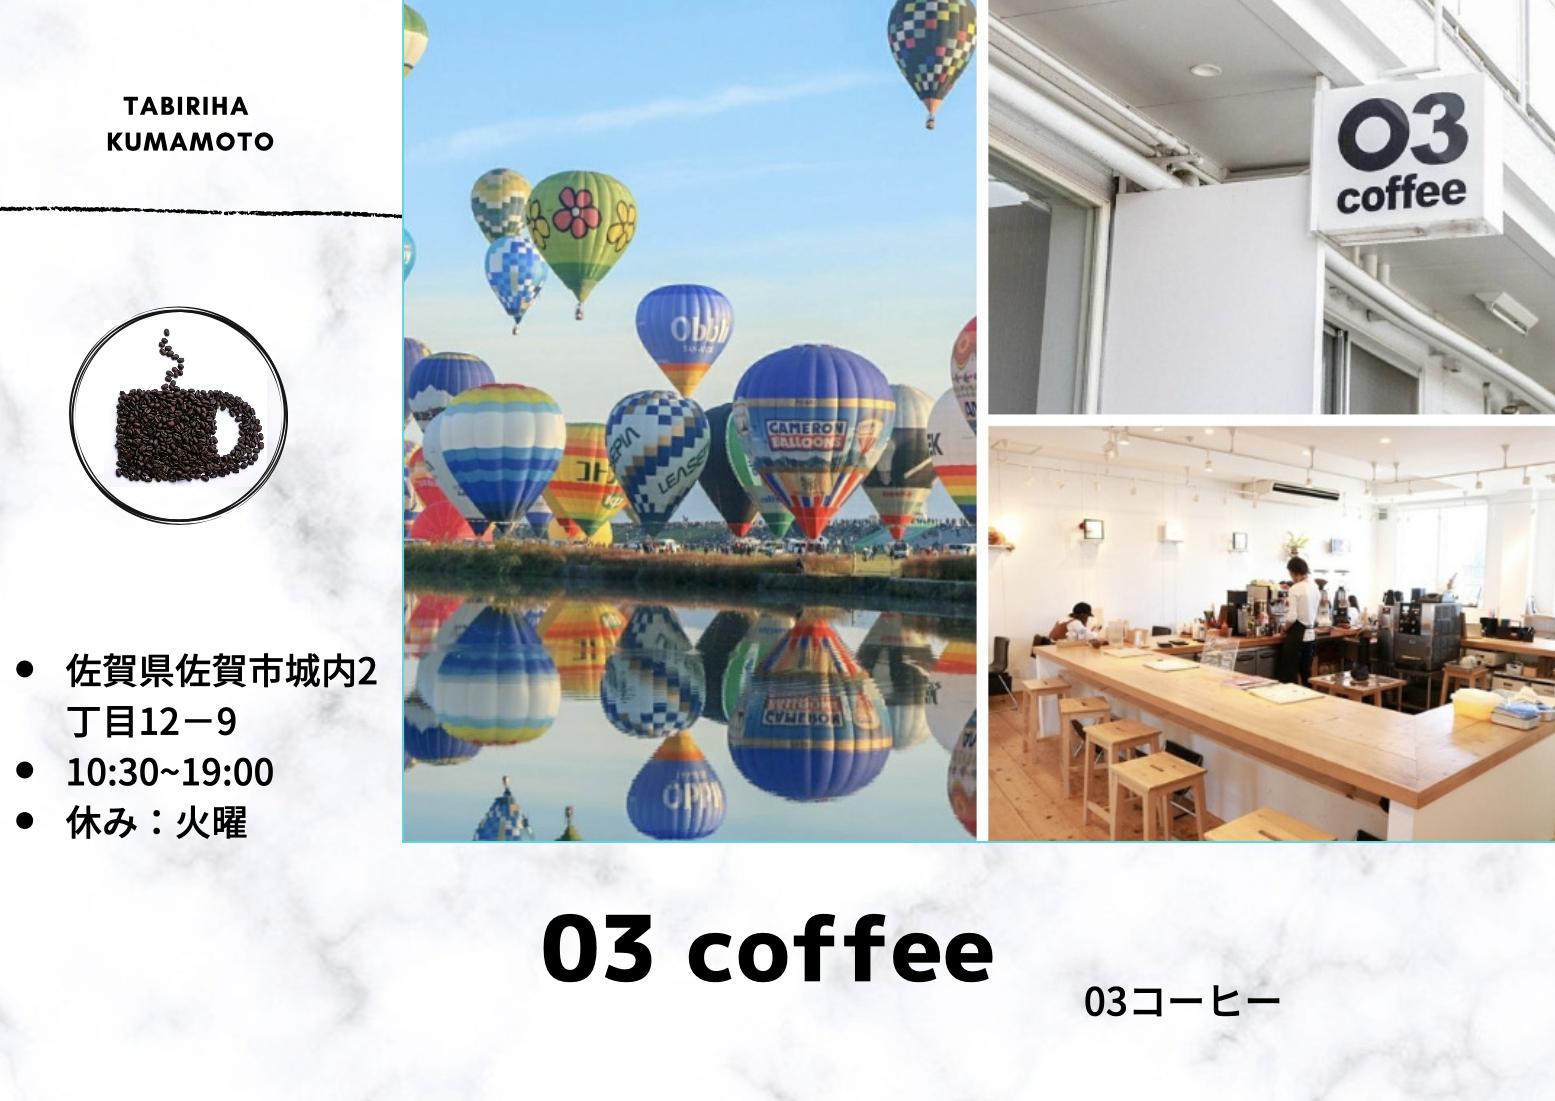 佐賀県 カフェ バルーンフェスタ 03コーヒー